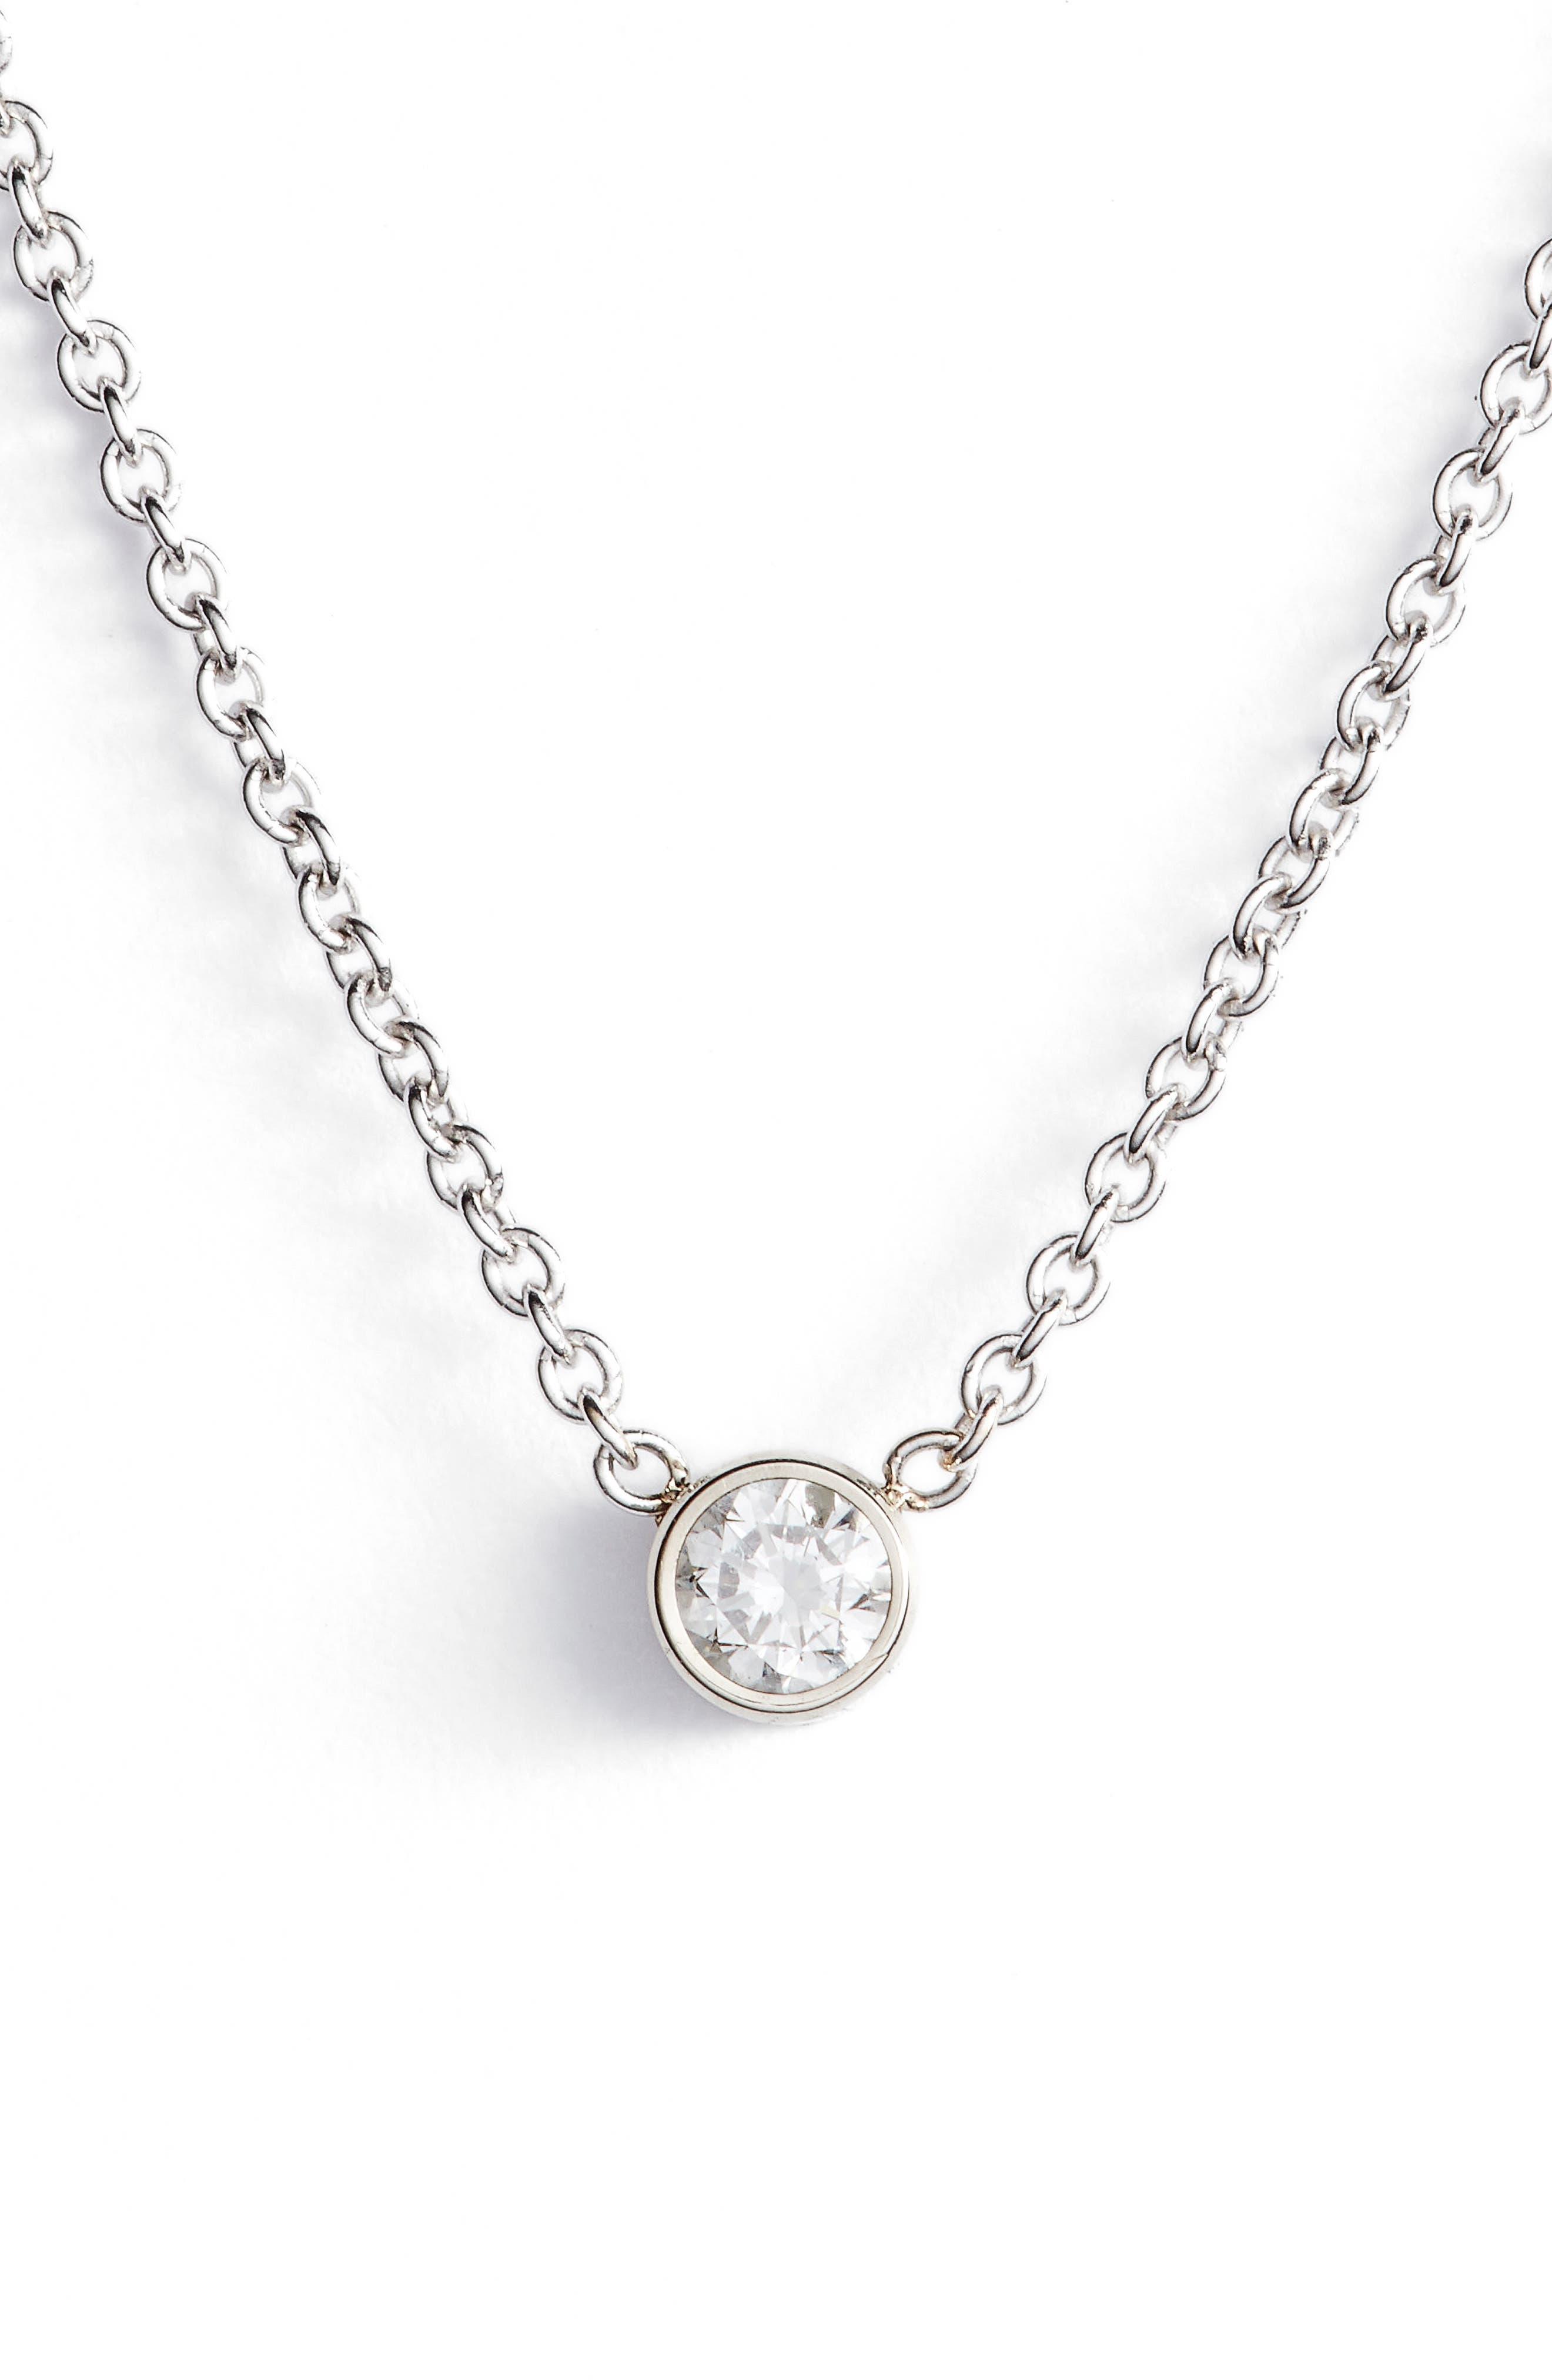 Diamond Bezel Pendant Necklace,                         Main,                         color, WHITE GOLD